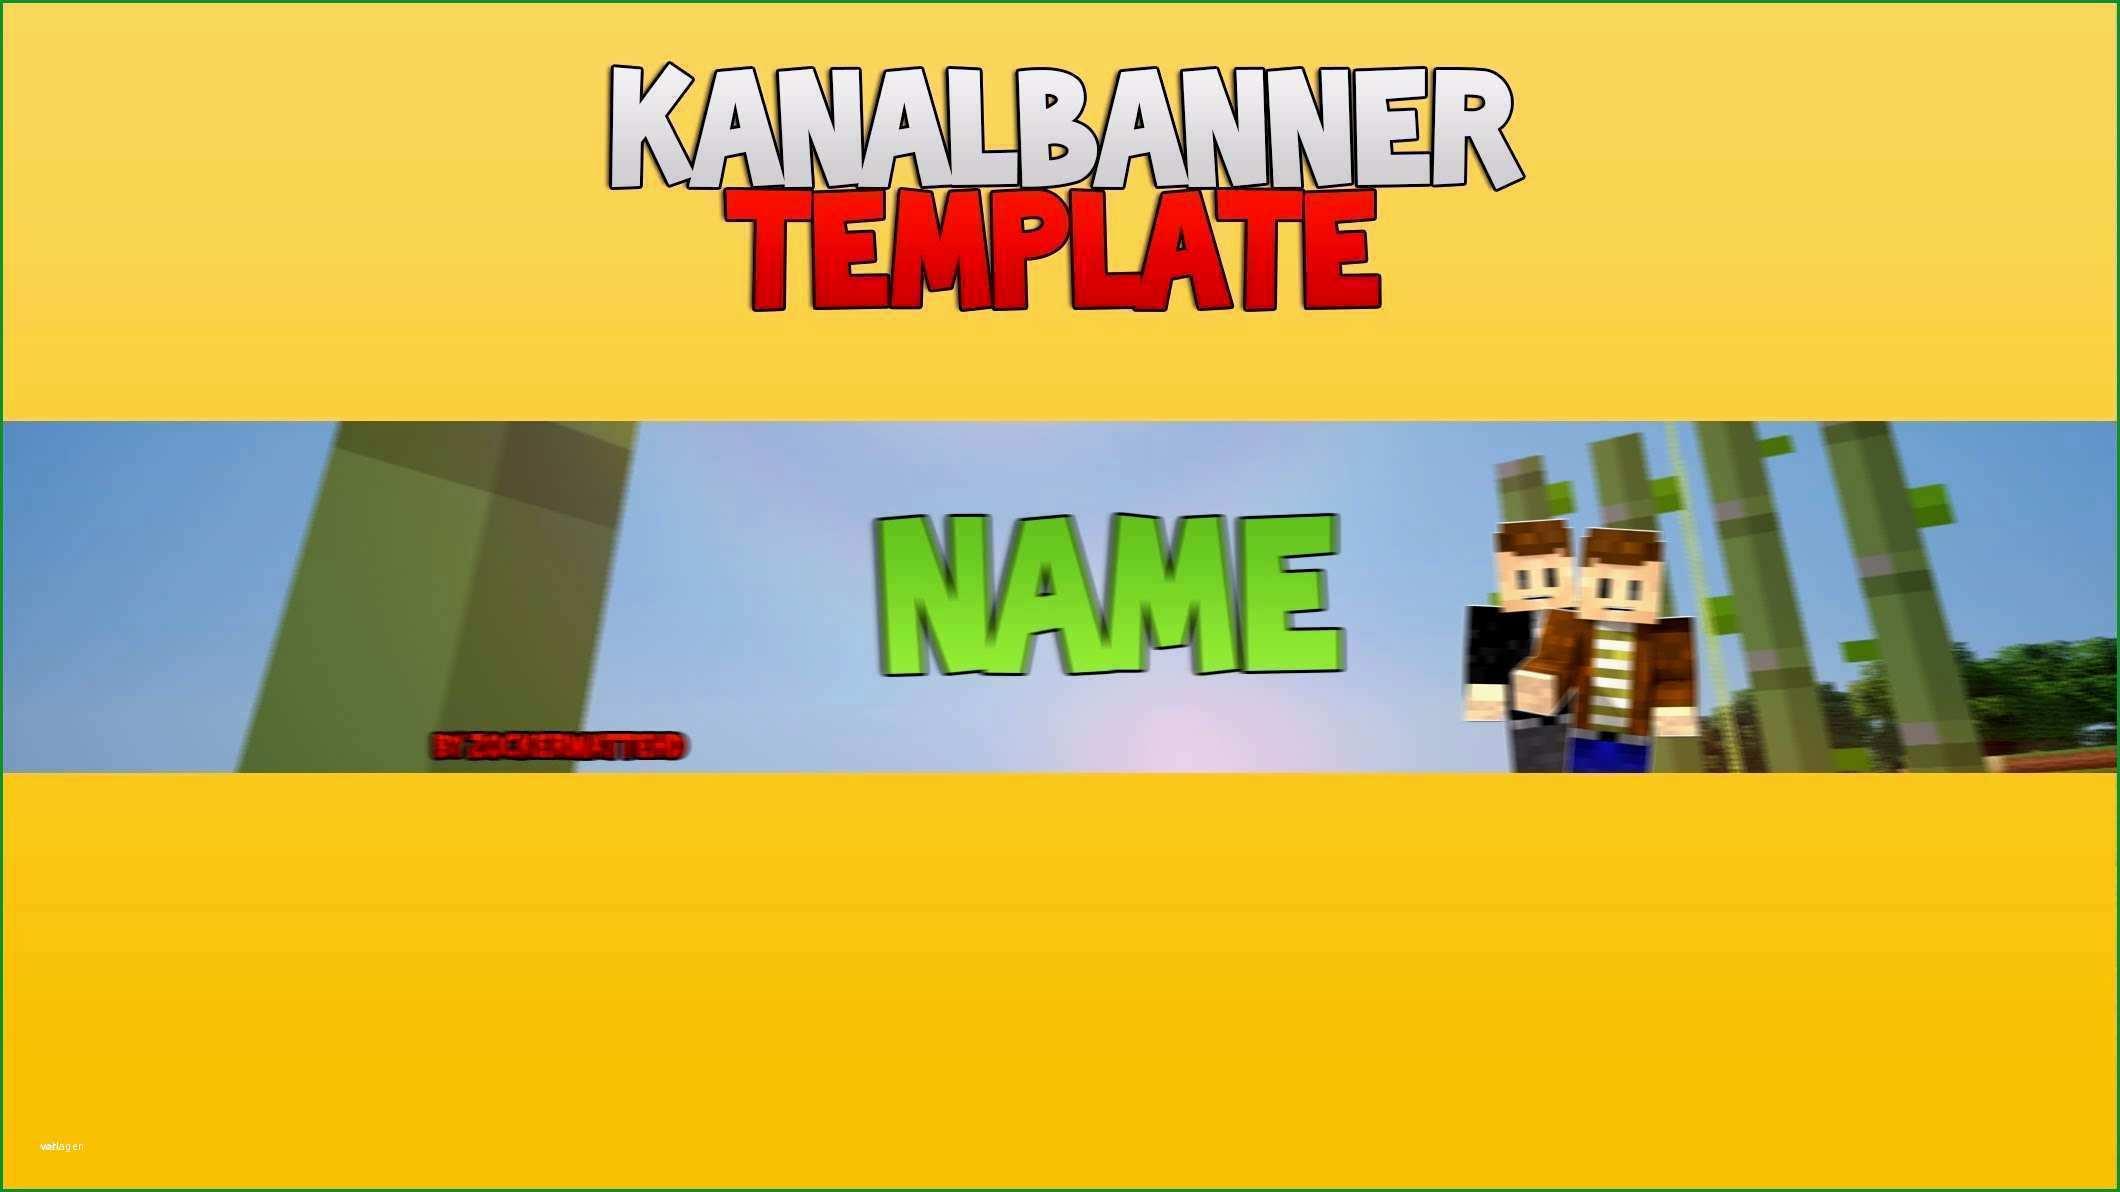 youtube kanalbanner vorlage genial kanal banner template v 1